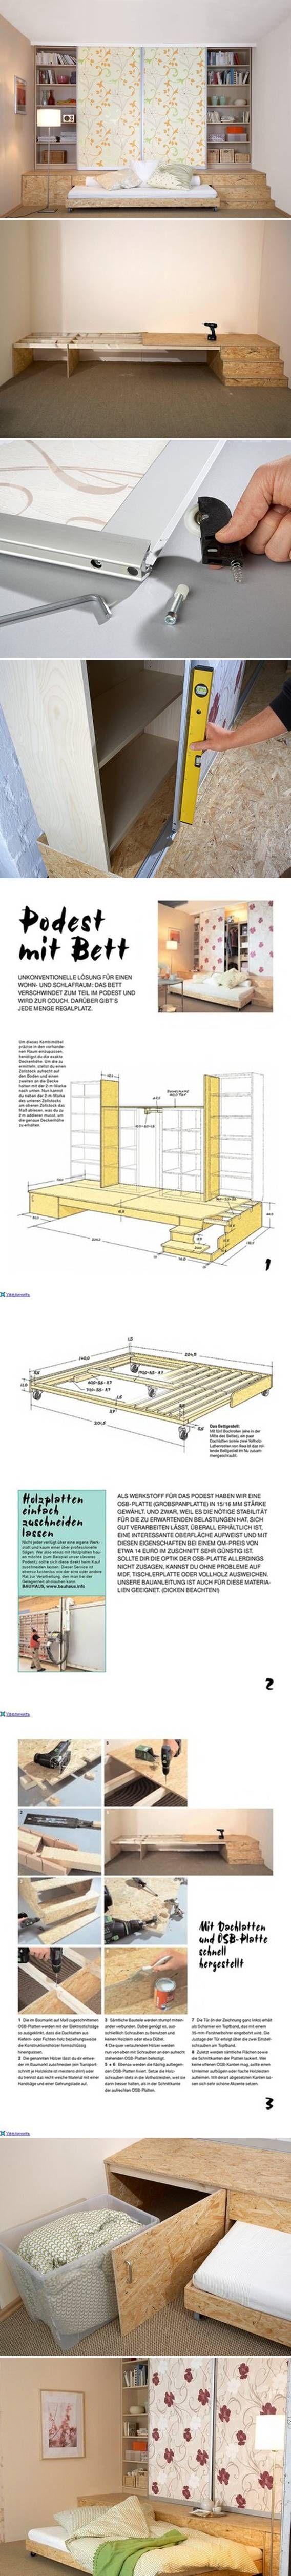 Chambre d'ami / lit transformable en fauteuil, bureau, garde-robe etc...